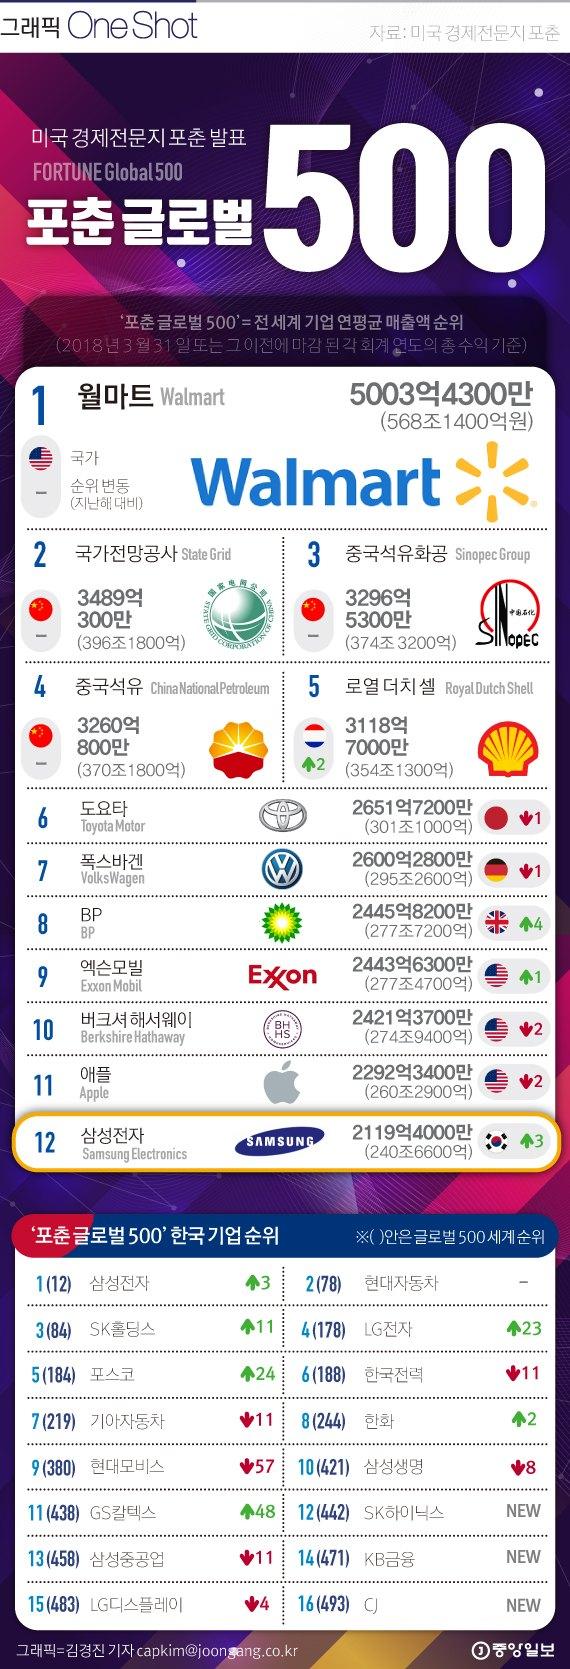 [ONE SHOT] 2018 포춘 글로벌 500대 기업에 韓 16개 포함···1위 월마트